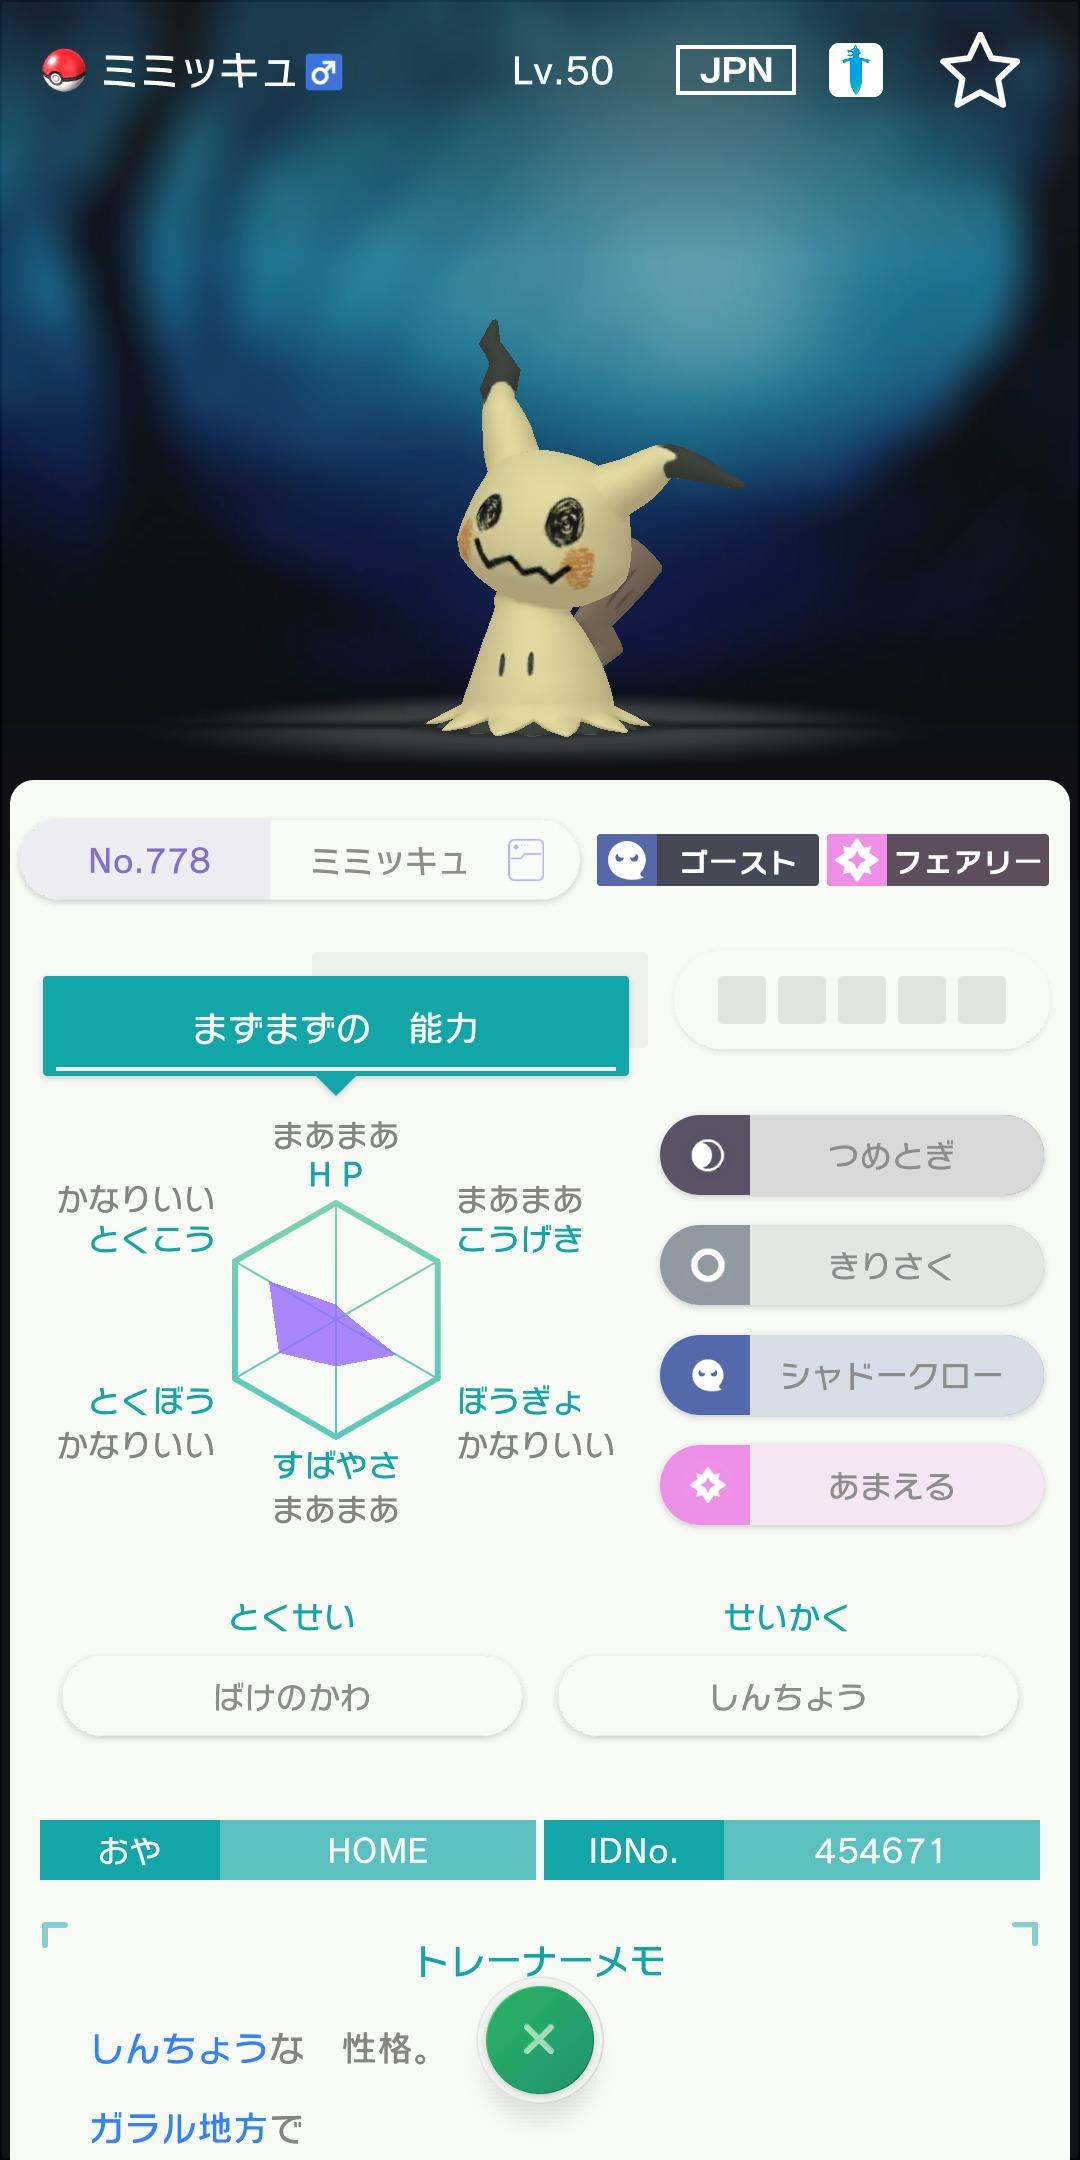 ジャッジ機能 (C)2020 Pokémon. (C)1995-2020 Nintendo/Creatures Inc. /GAME FREAK inc.